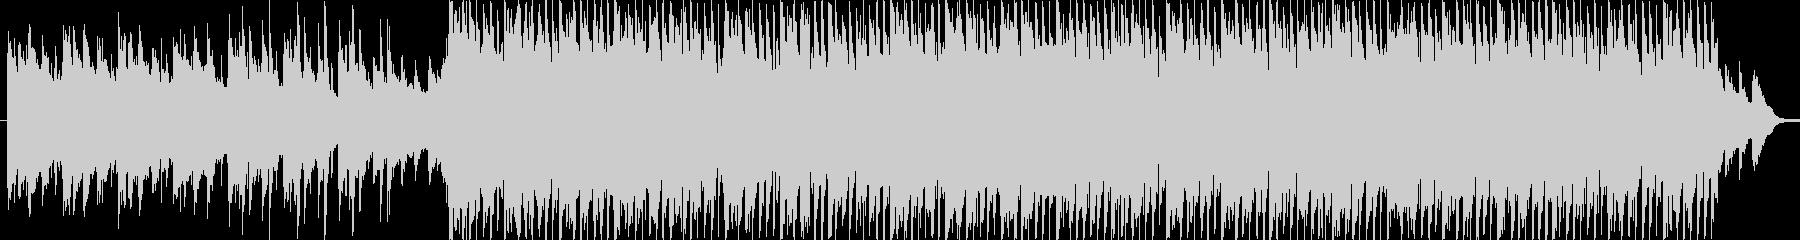 リズミックなポップBGM(60ver)の未再生の波形